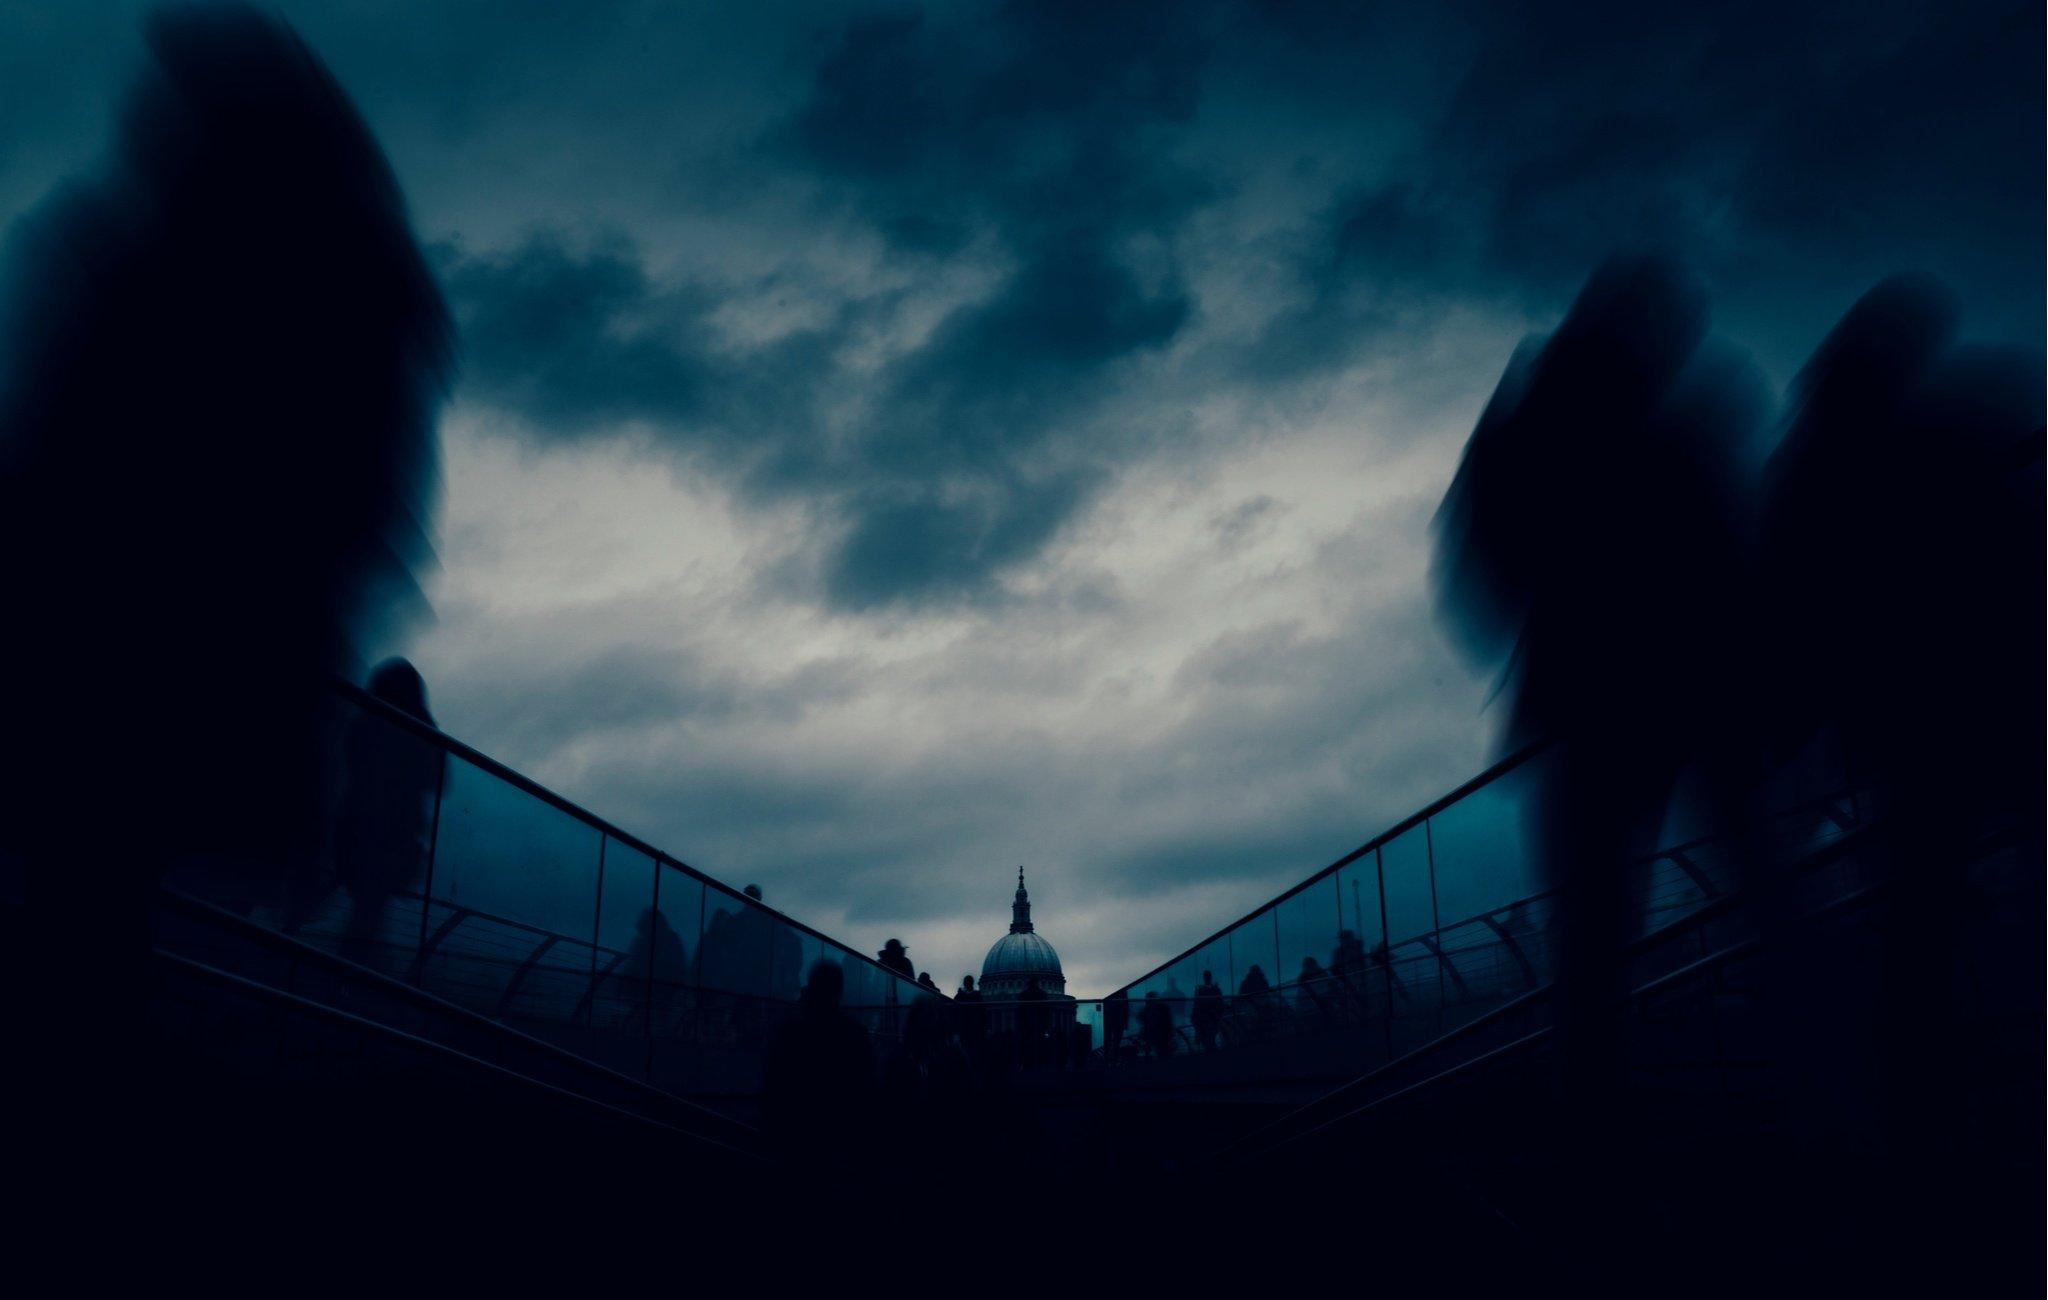 dark, dystopia